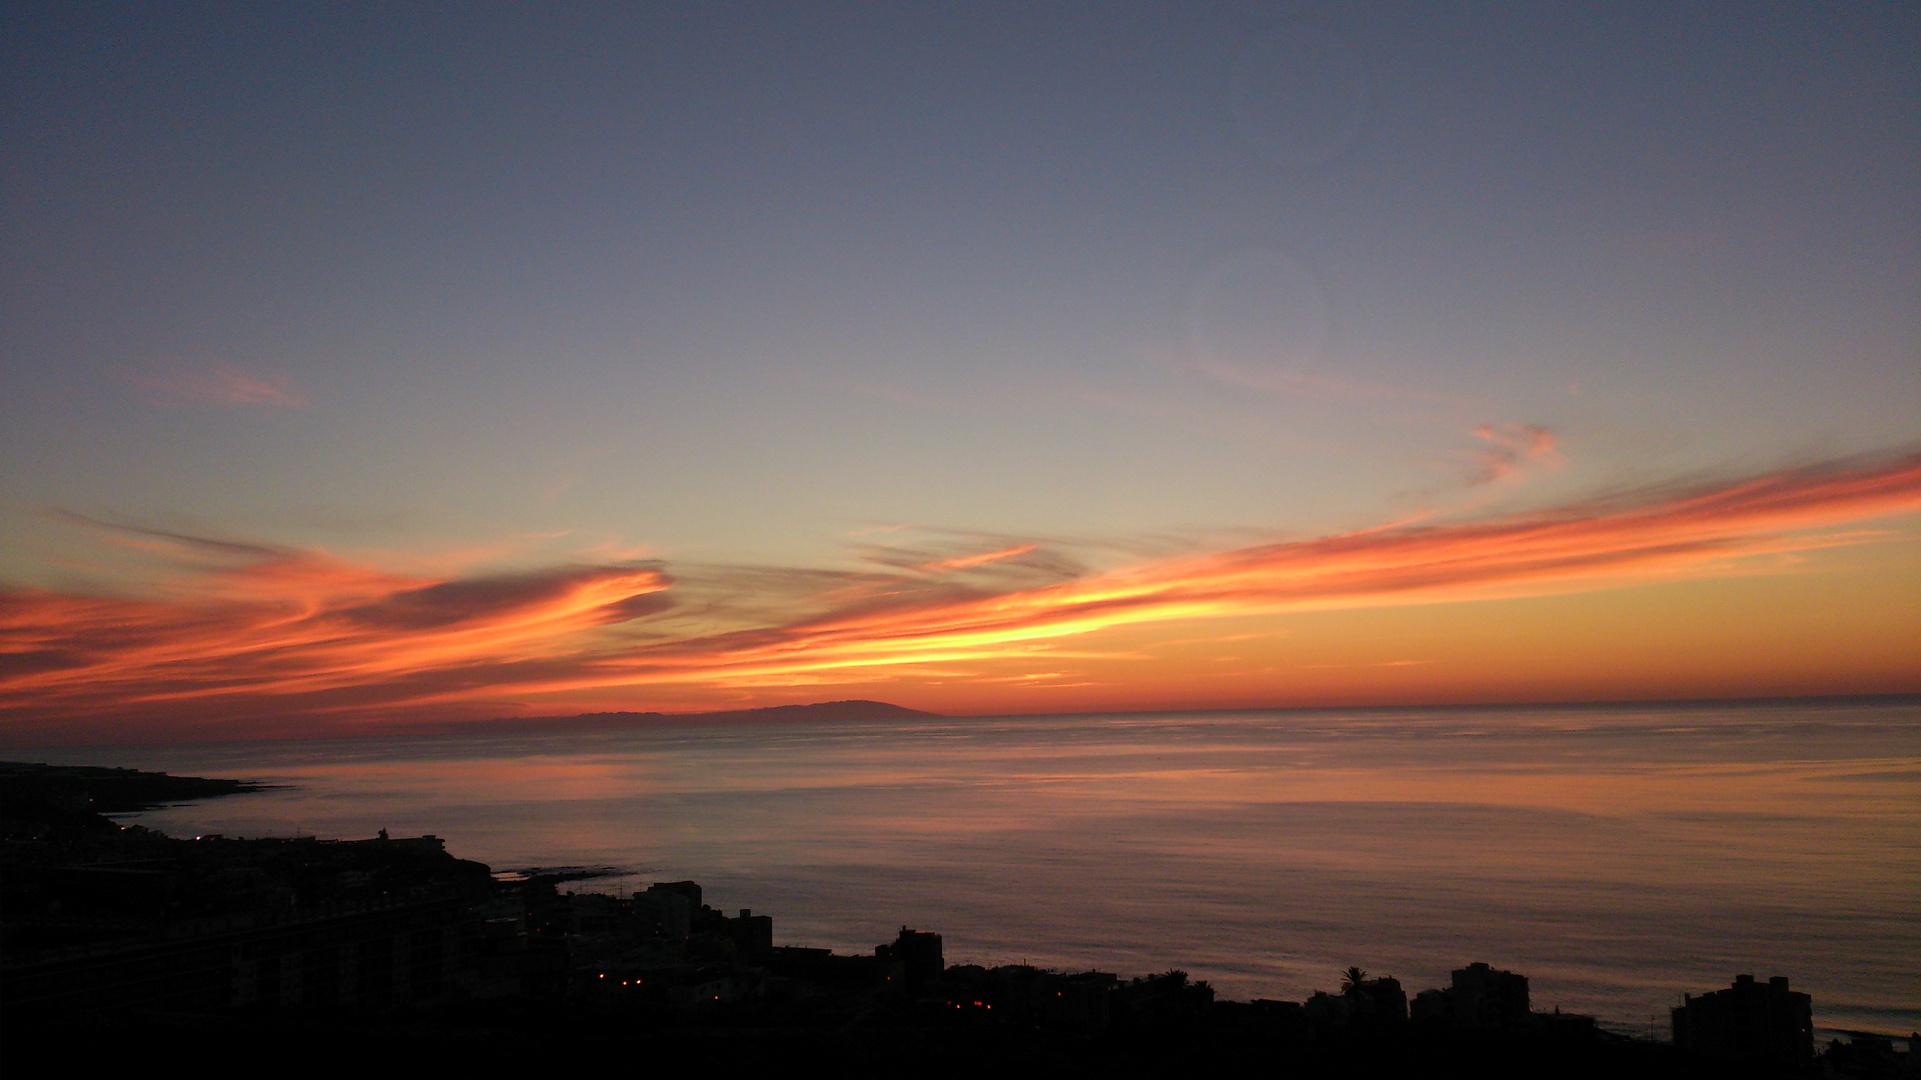 Grandioser Sonnenuntergang - La Palma